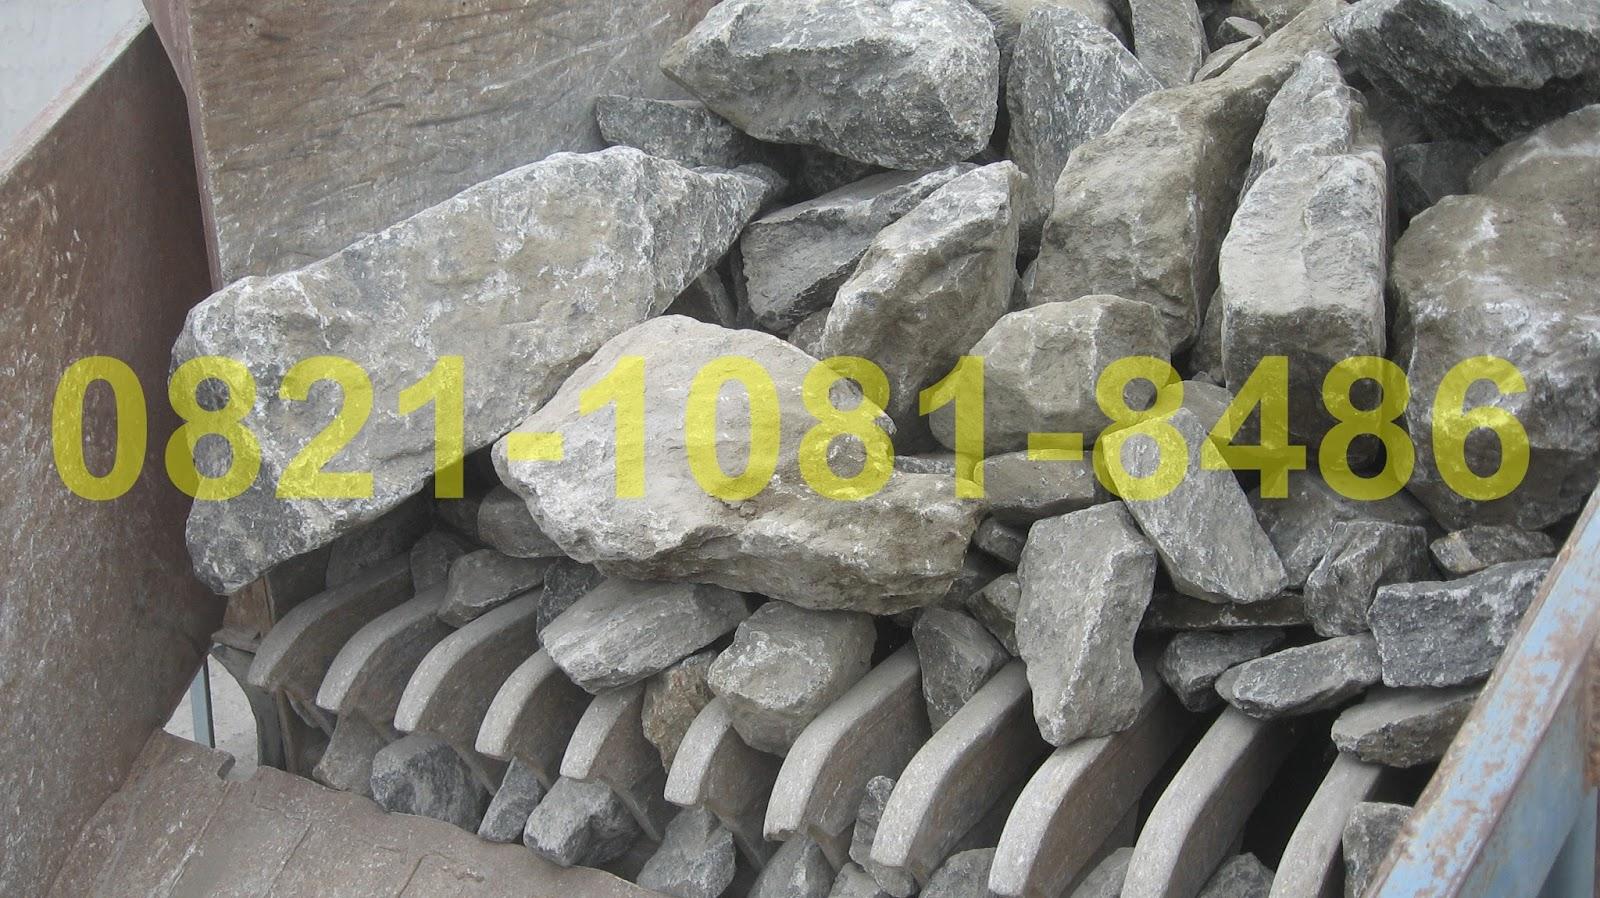 September 2016 Jual Stone Crusher Mesin Pemecah Batu Network Kit 25 Pcs Dengan Id Finder Krisbow Kw0600718 Plant Di Indonesia Input Material Kapasitas 30 40 Ton Per Jam Jaw To Yang Bisa Dipecah Oleh